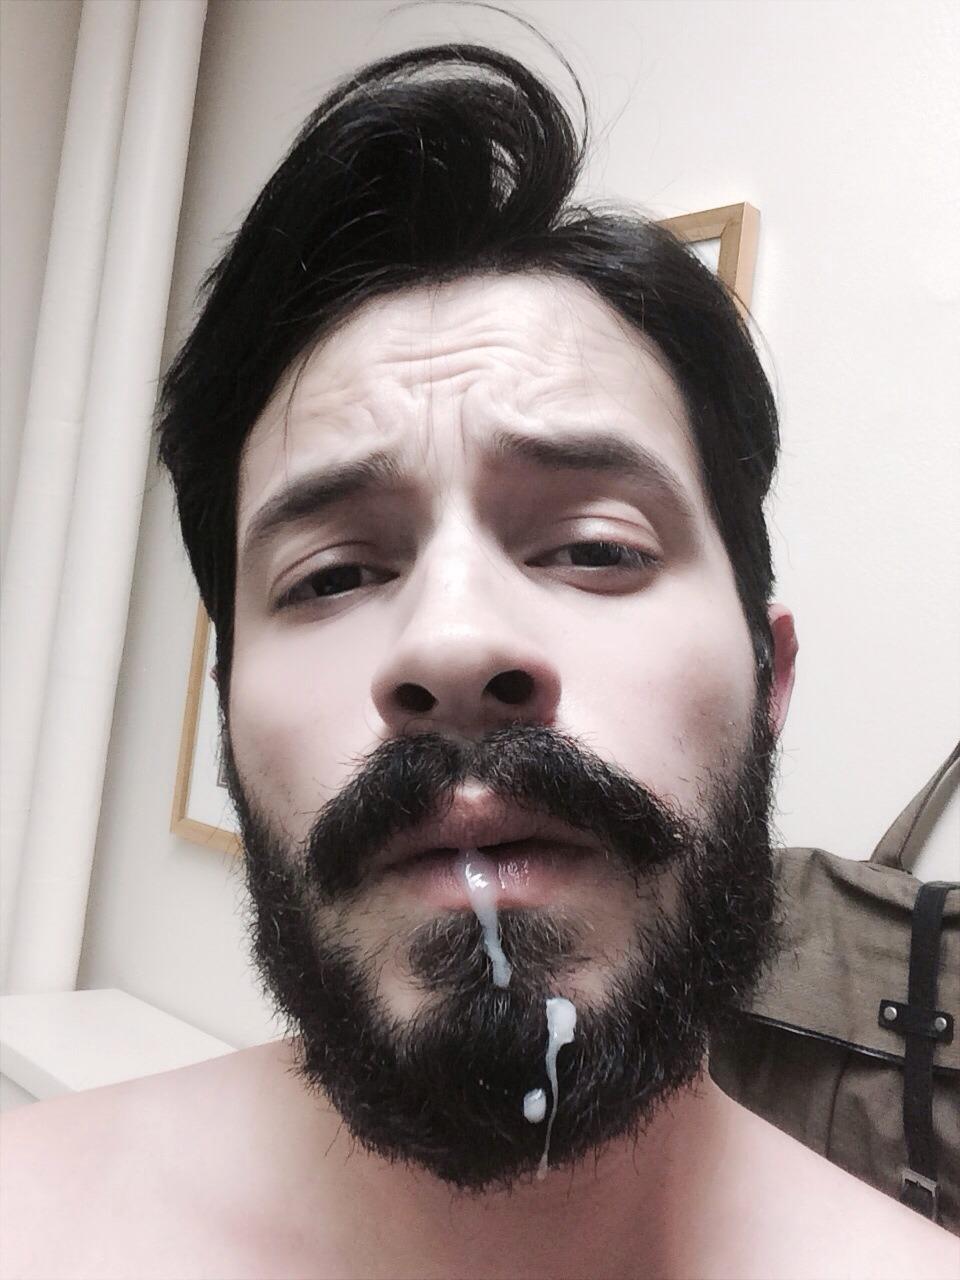 2018-06-04 05:22:58 - 85700708765 beardburnme http://www.neofic.com